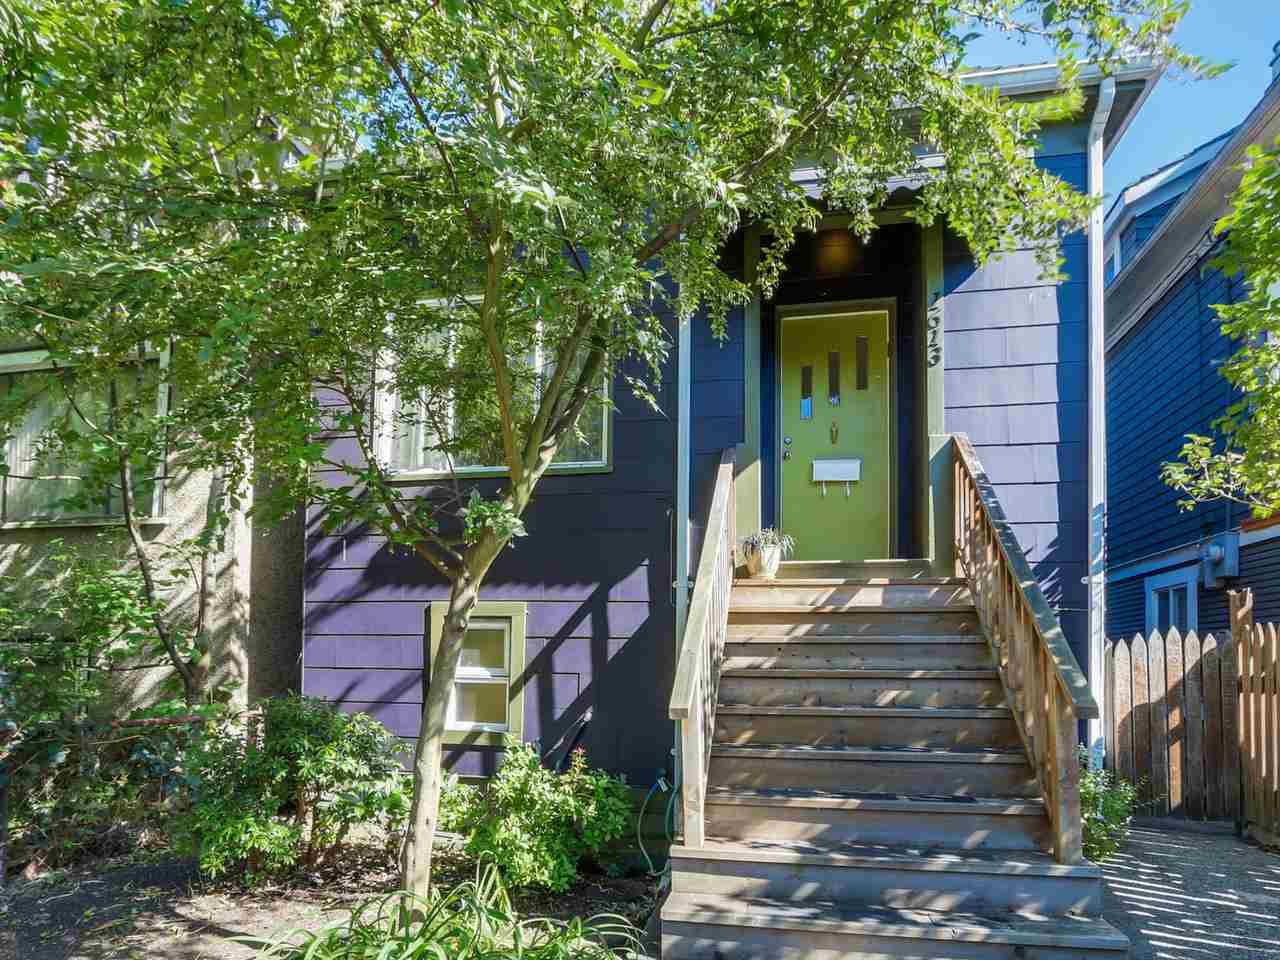 """Main Photo: 1613 E 4TH Avenue in Vancouver: Grandview VE House for sale in """"GRANDVIEW"""" (Vancouver East)  : MLS®# R2096953"""